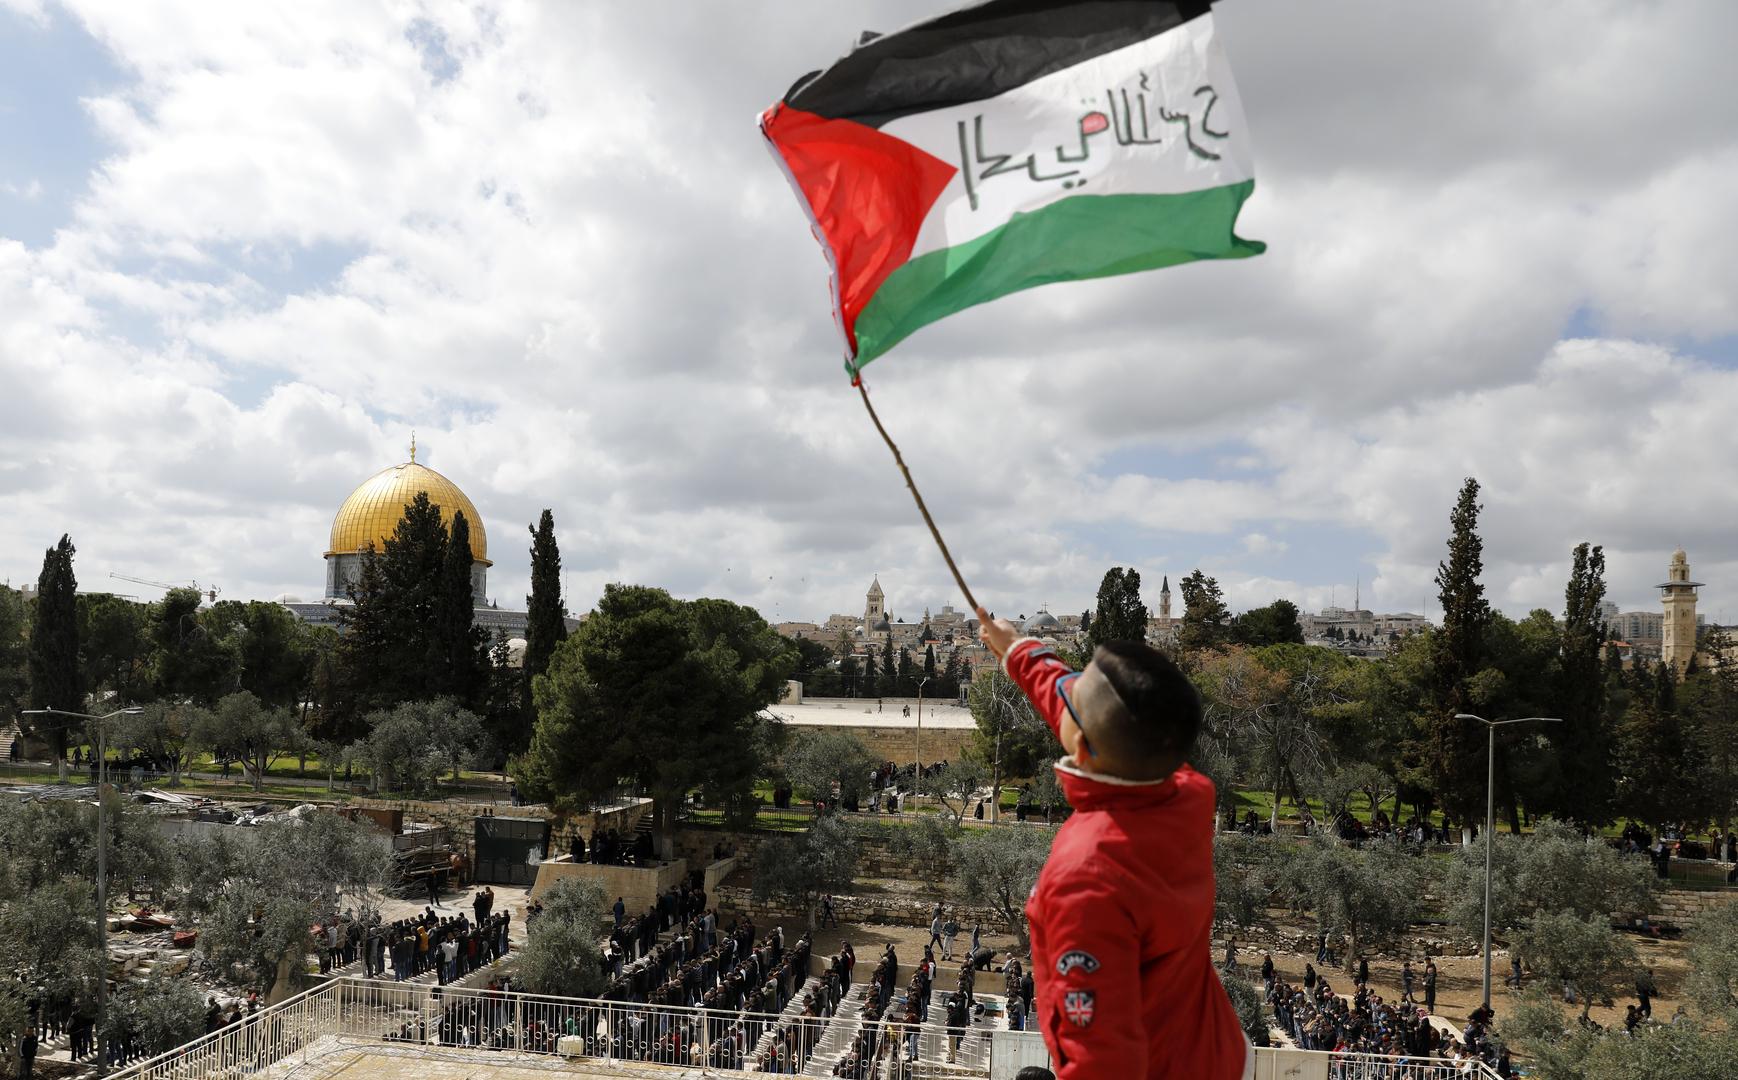 القيادة الفلسطينية: الإعلان الأمريكي البحريني الإسرائيلي خيانة للقدس